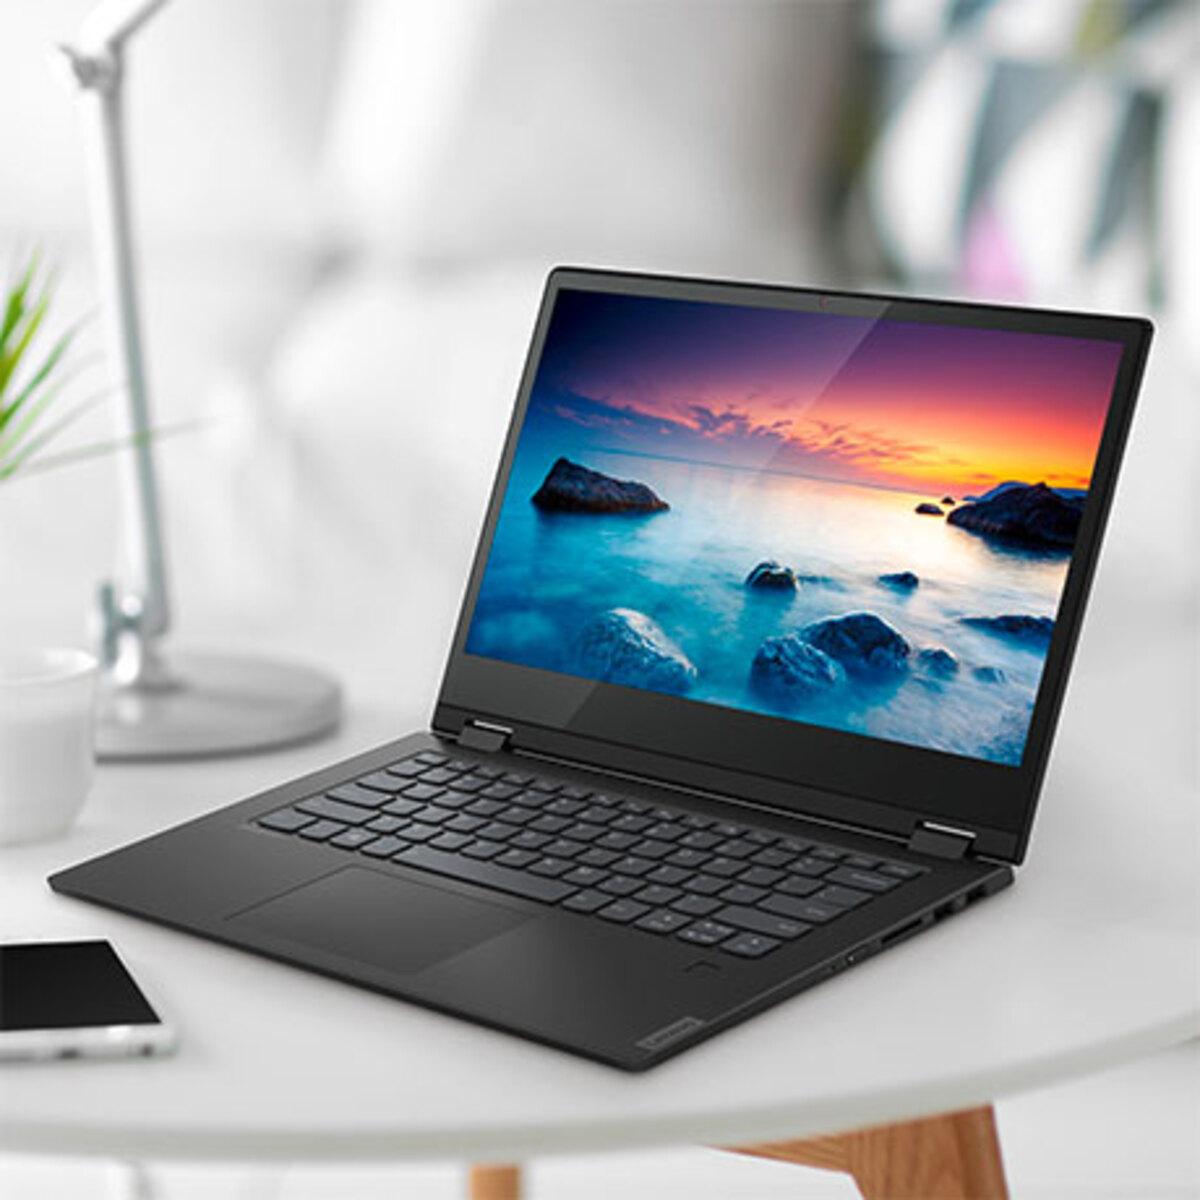 Bild 1 von Convertible-Notebook LENOVO IDEAPAD C3401